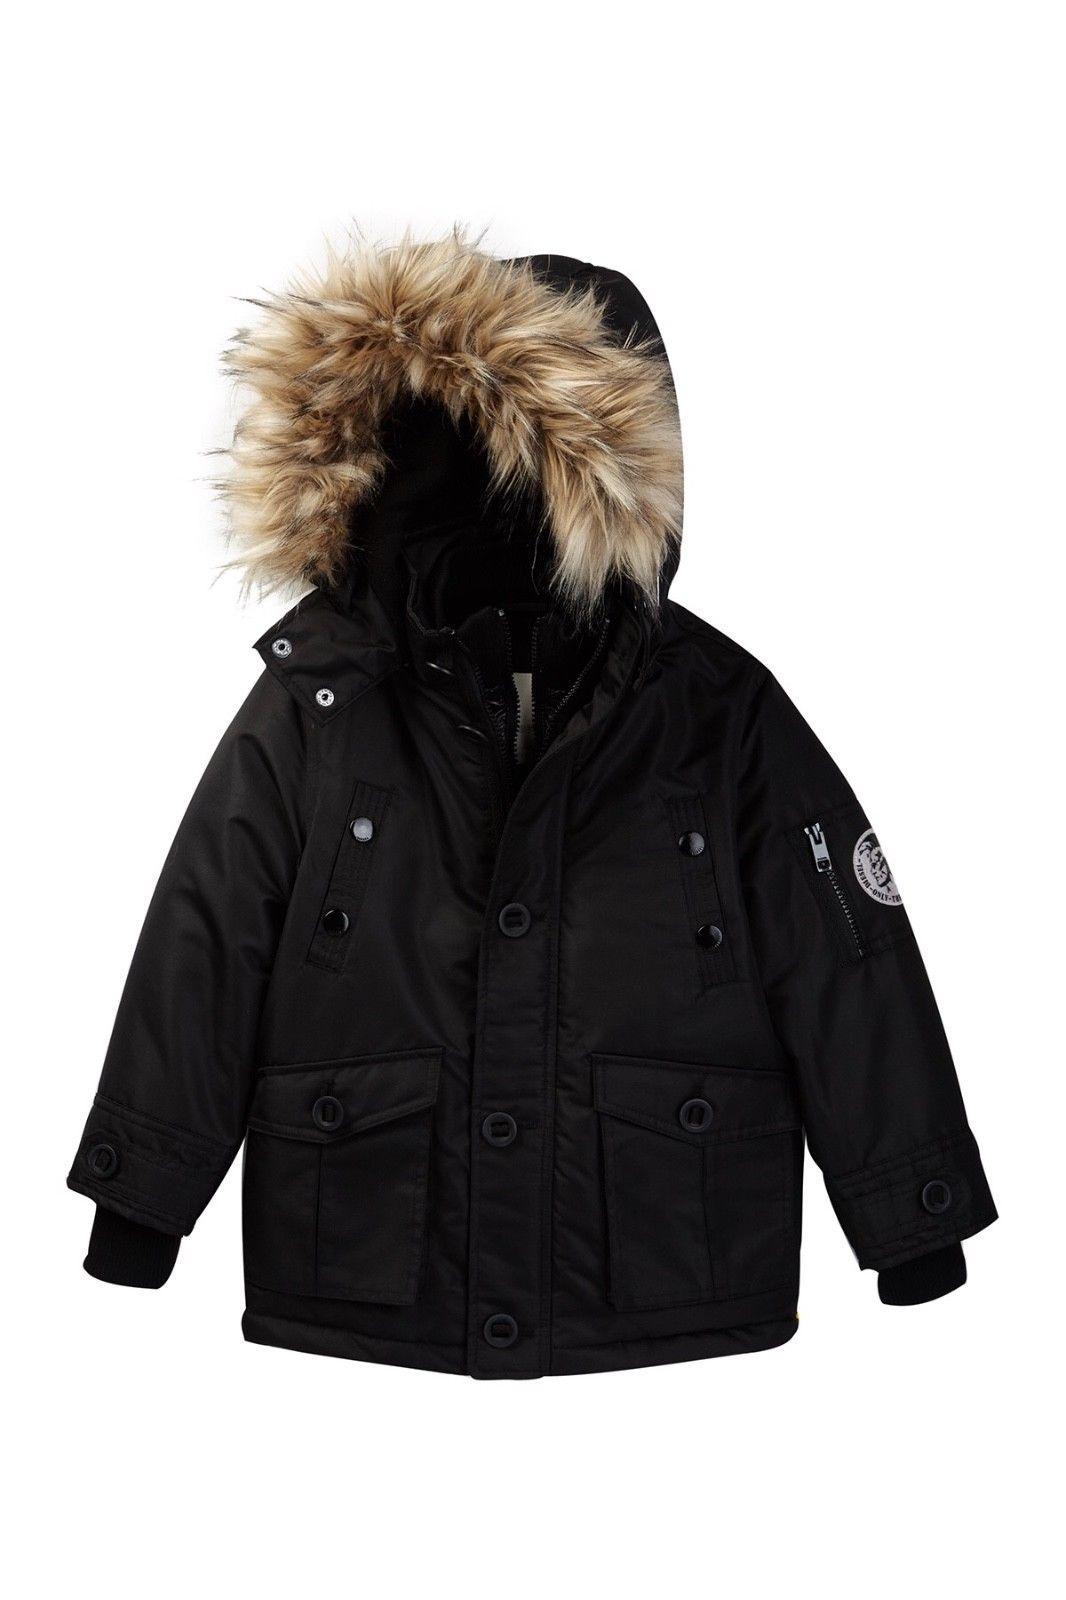 3314f0ce4 Outerwear 51933  Diesel Boy S Size 10-12 Parka Coat Jacket Black ...